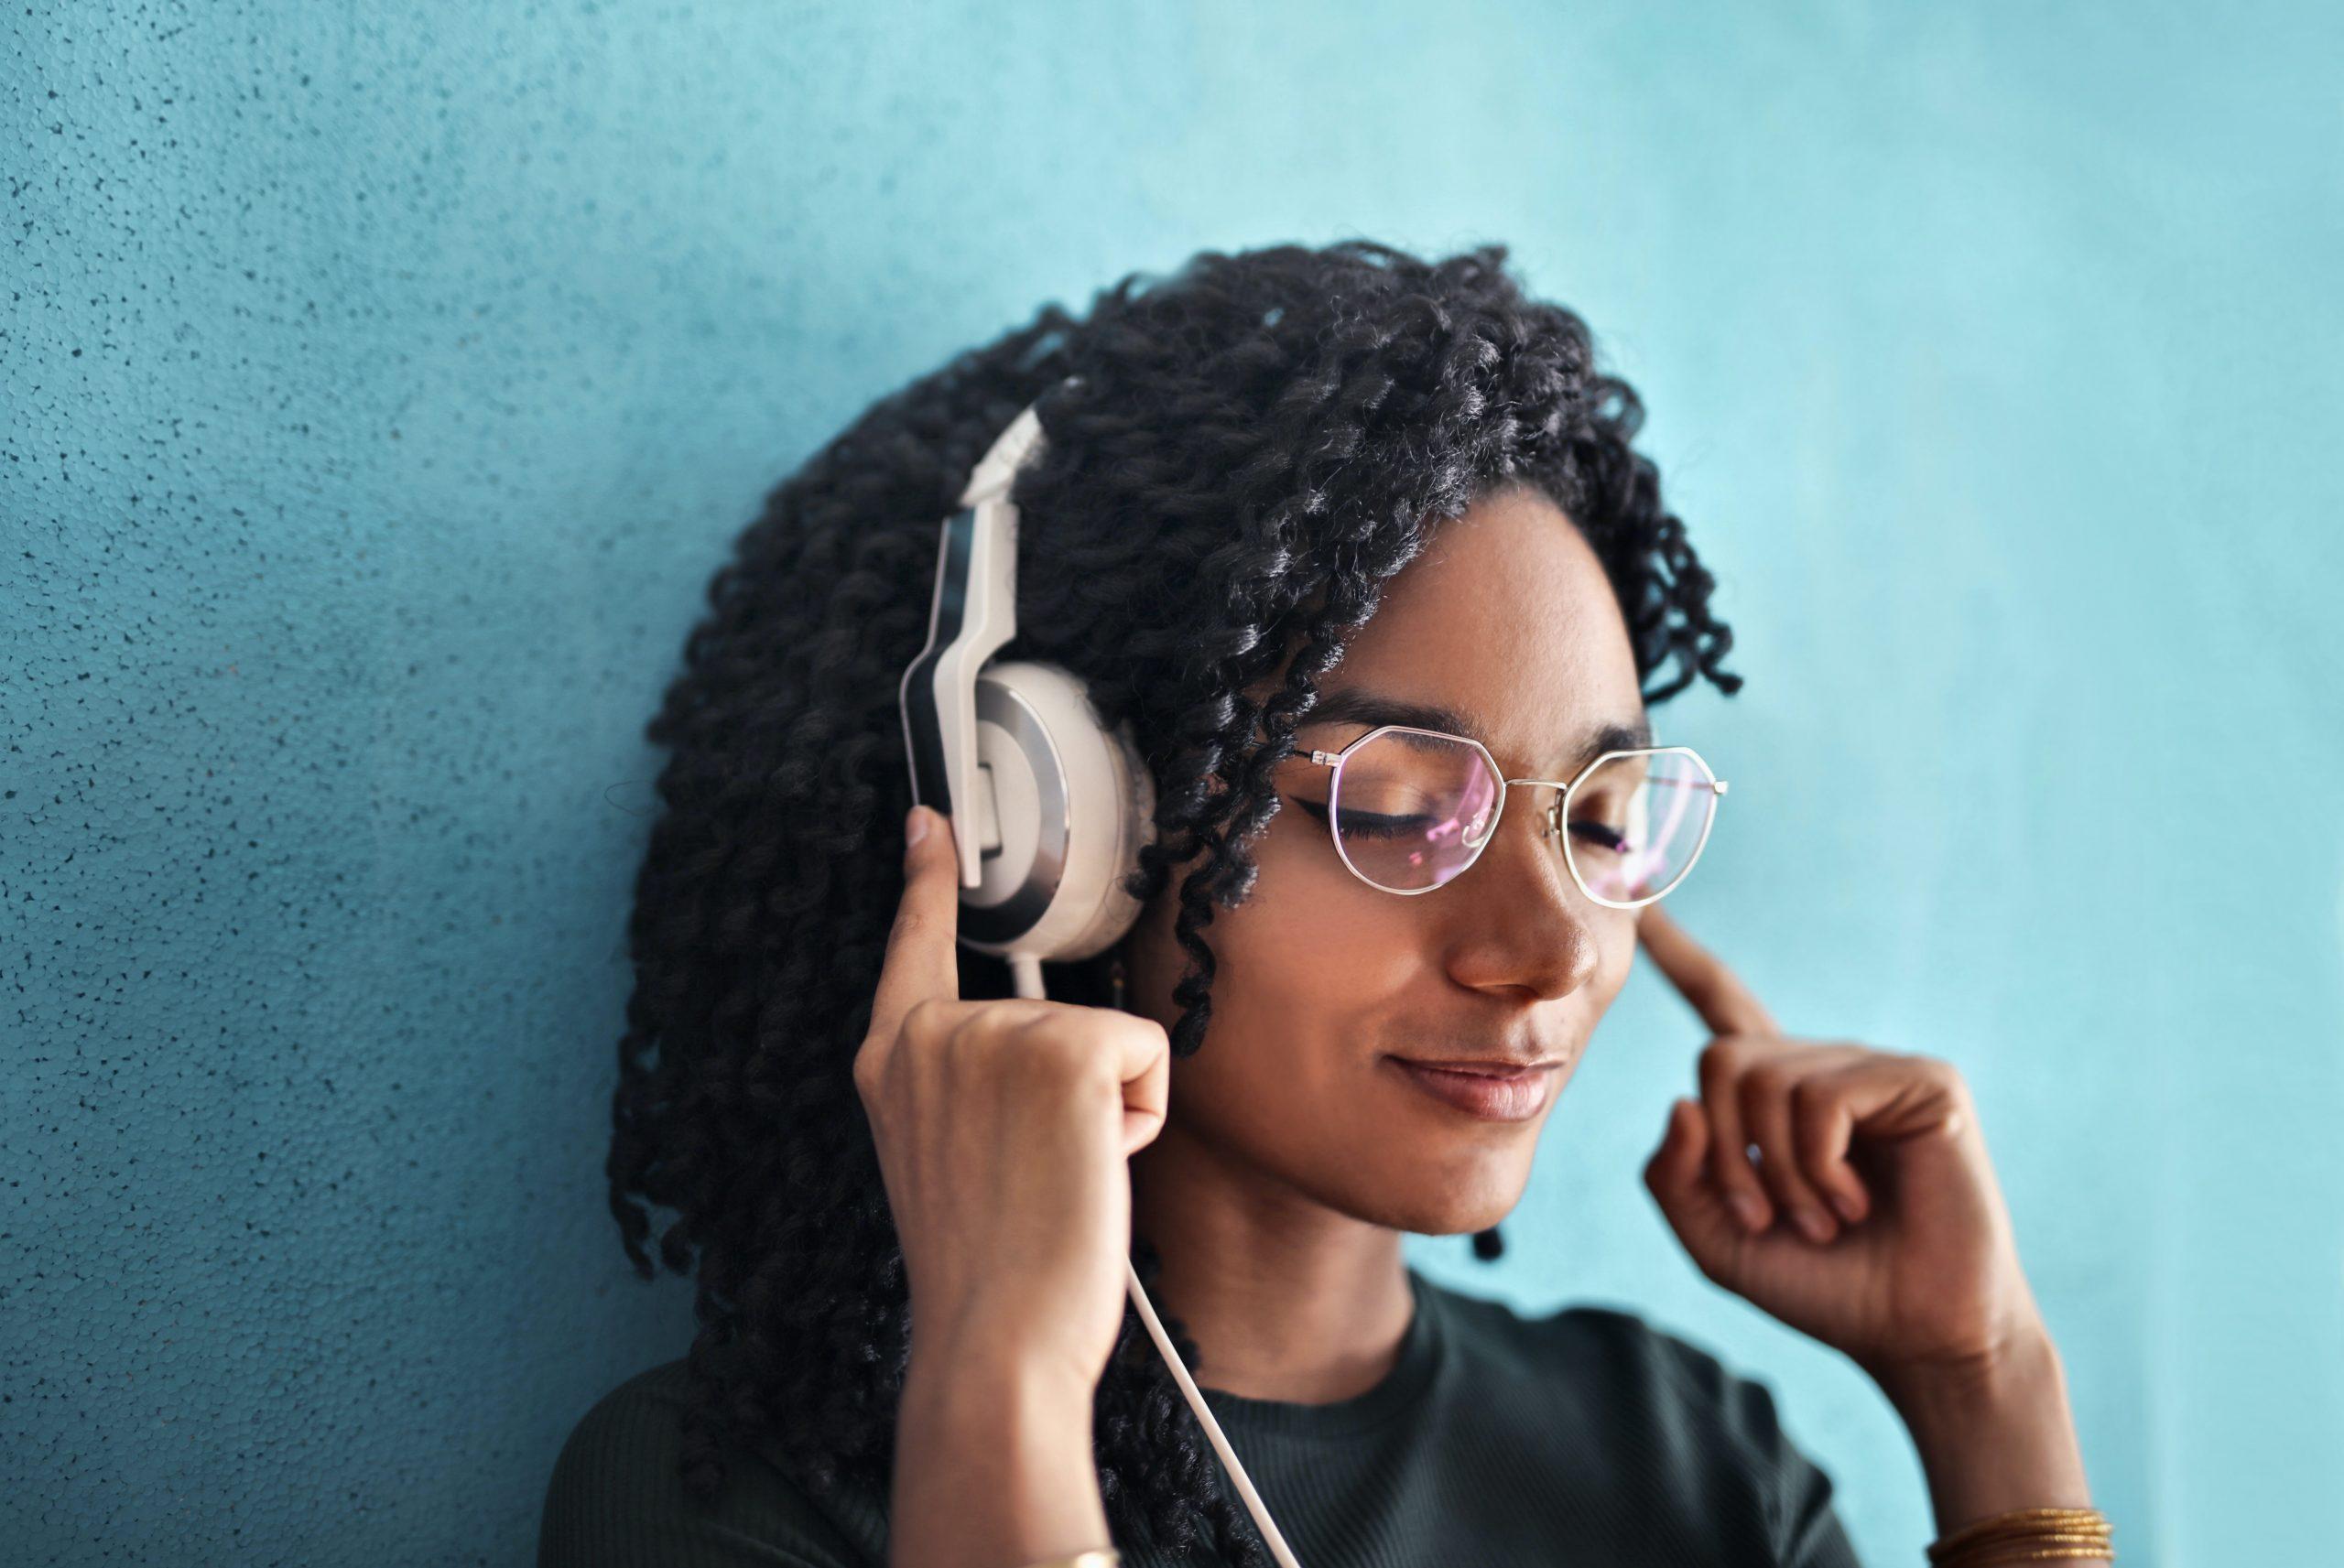 Imagem mostra uma mulher usando um headset.